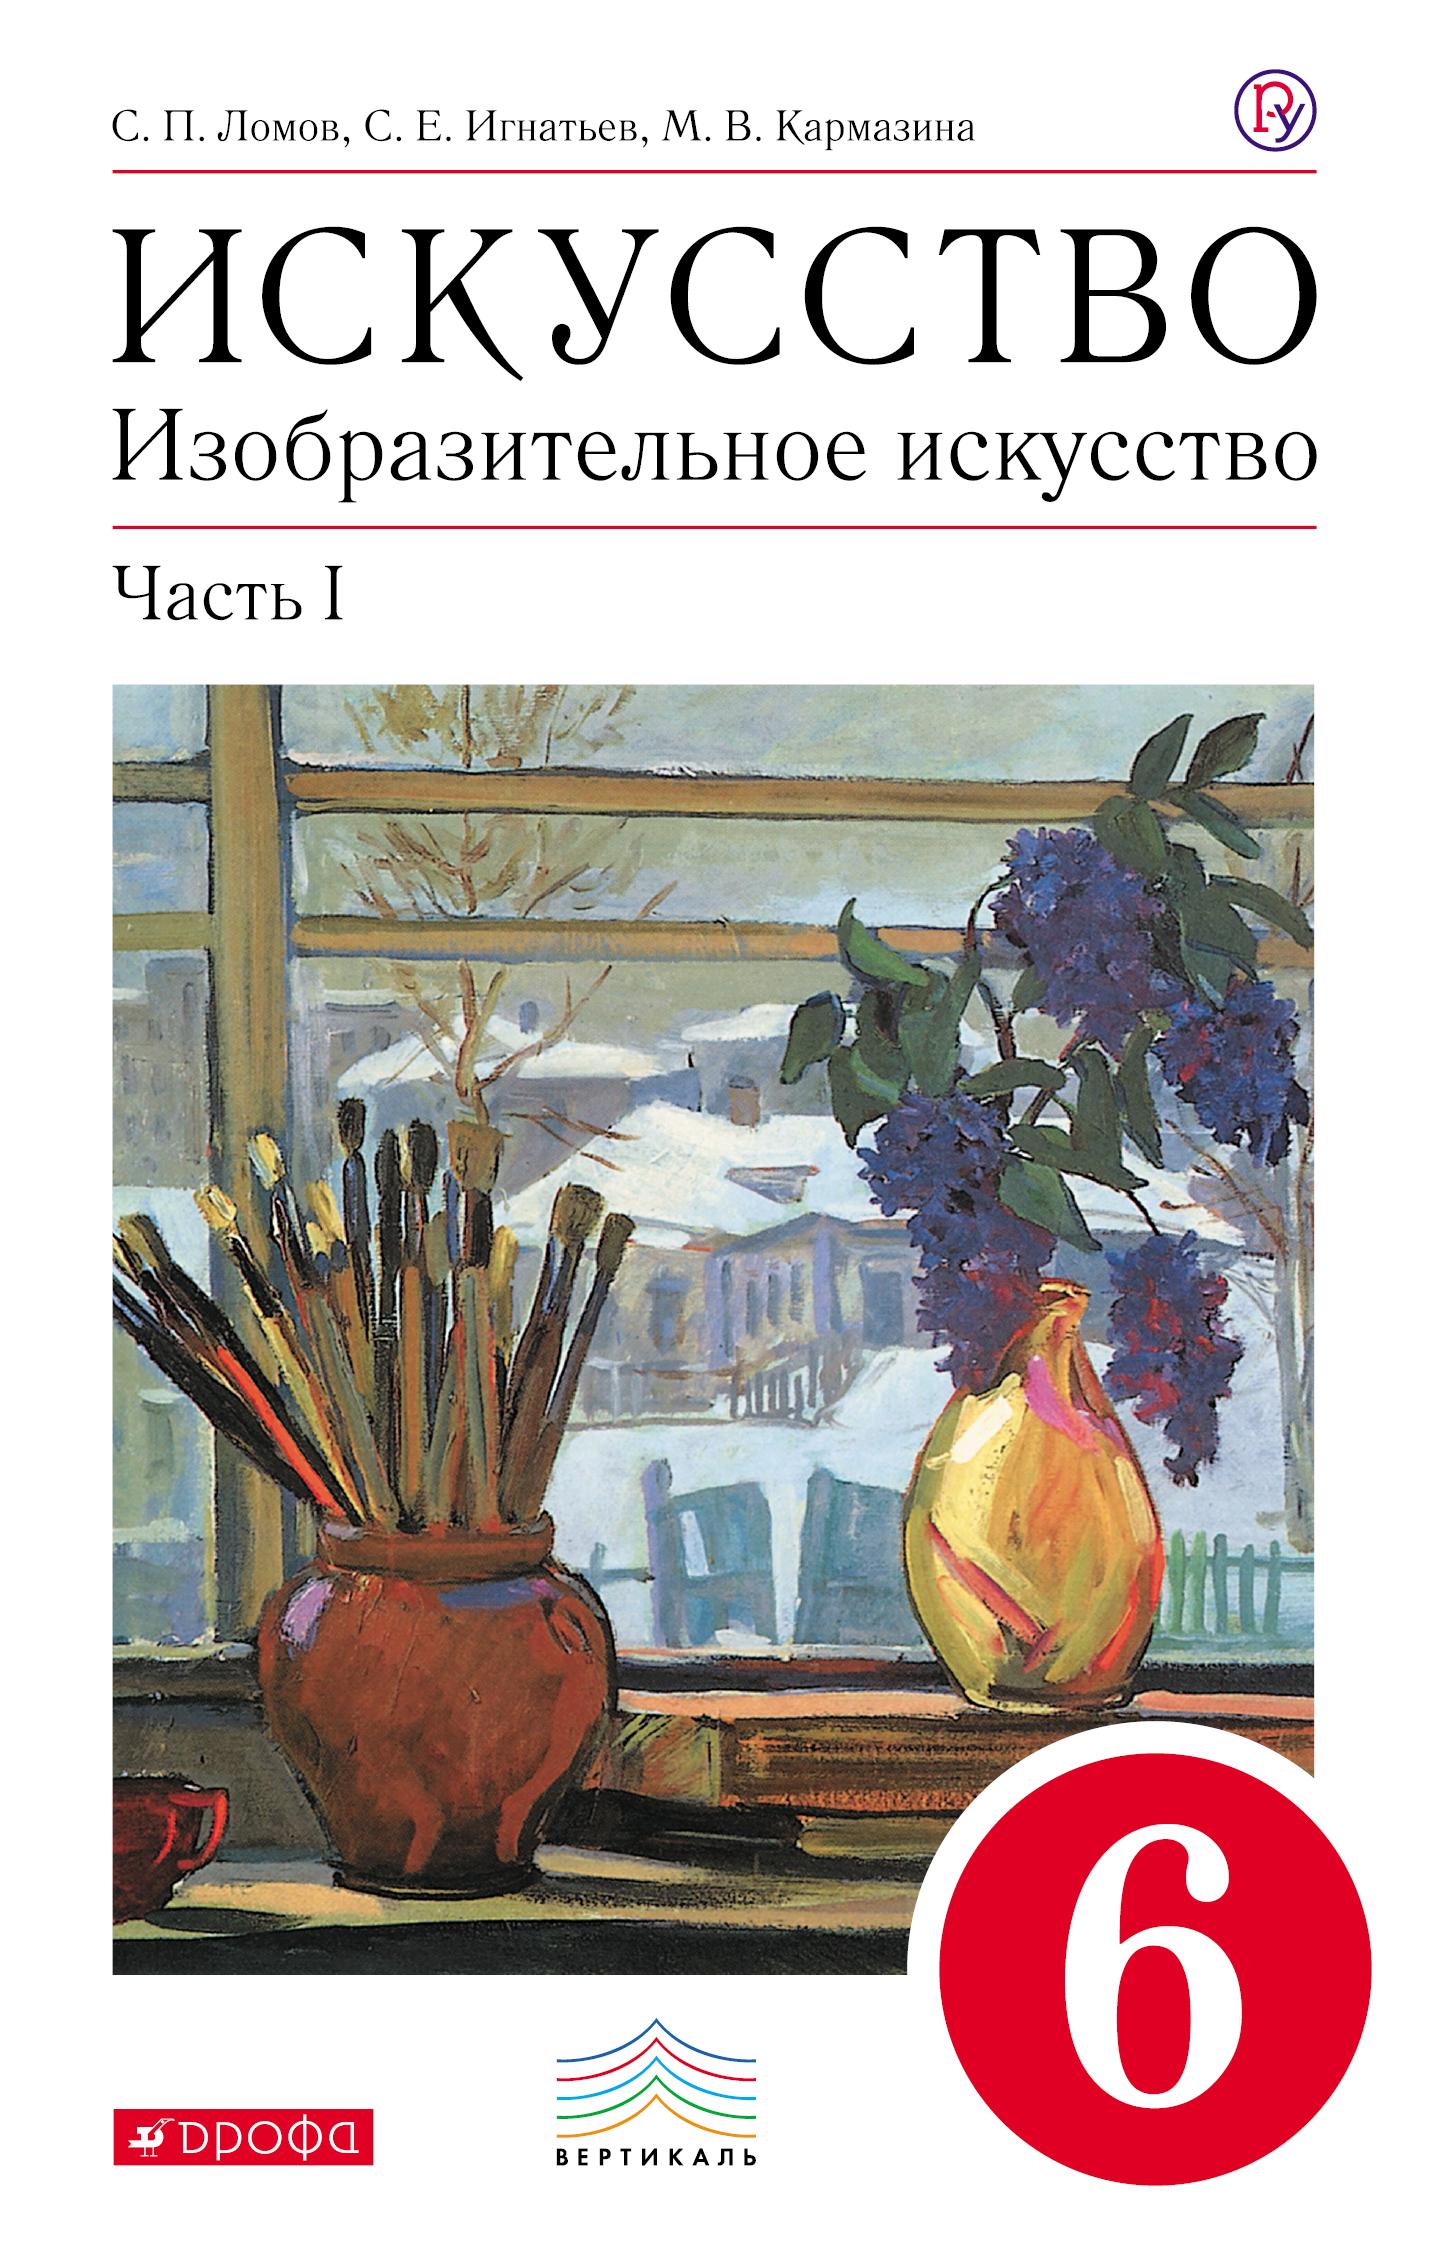 Изобразительное искусство. 6 класс. Учебник.Часть 1 ( Ломов С.П., Игнатьев С.Е., Кармазина М.В.  )